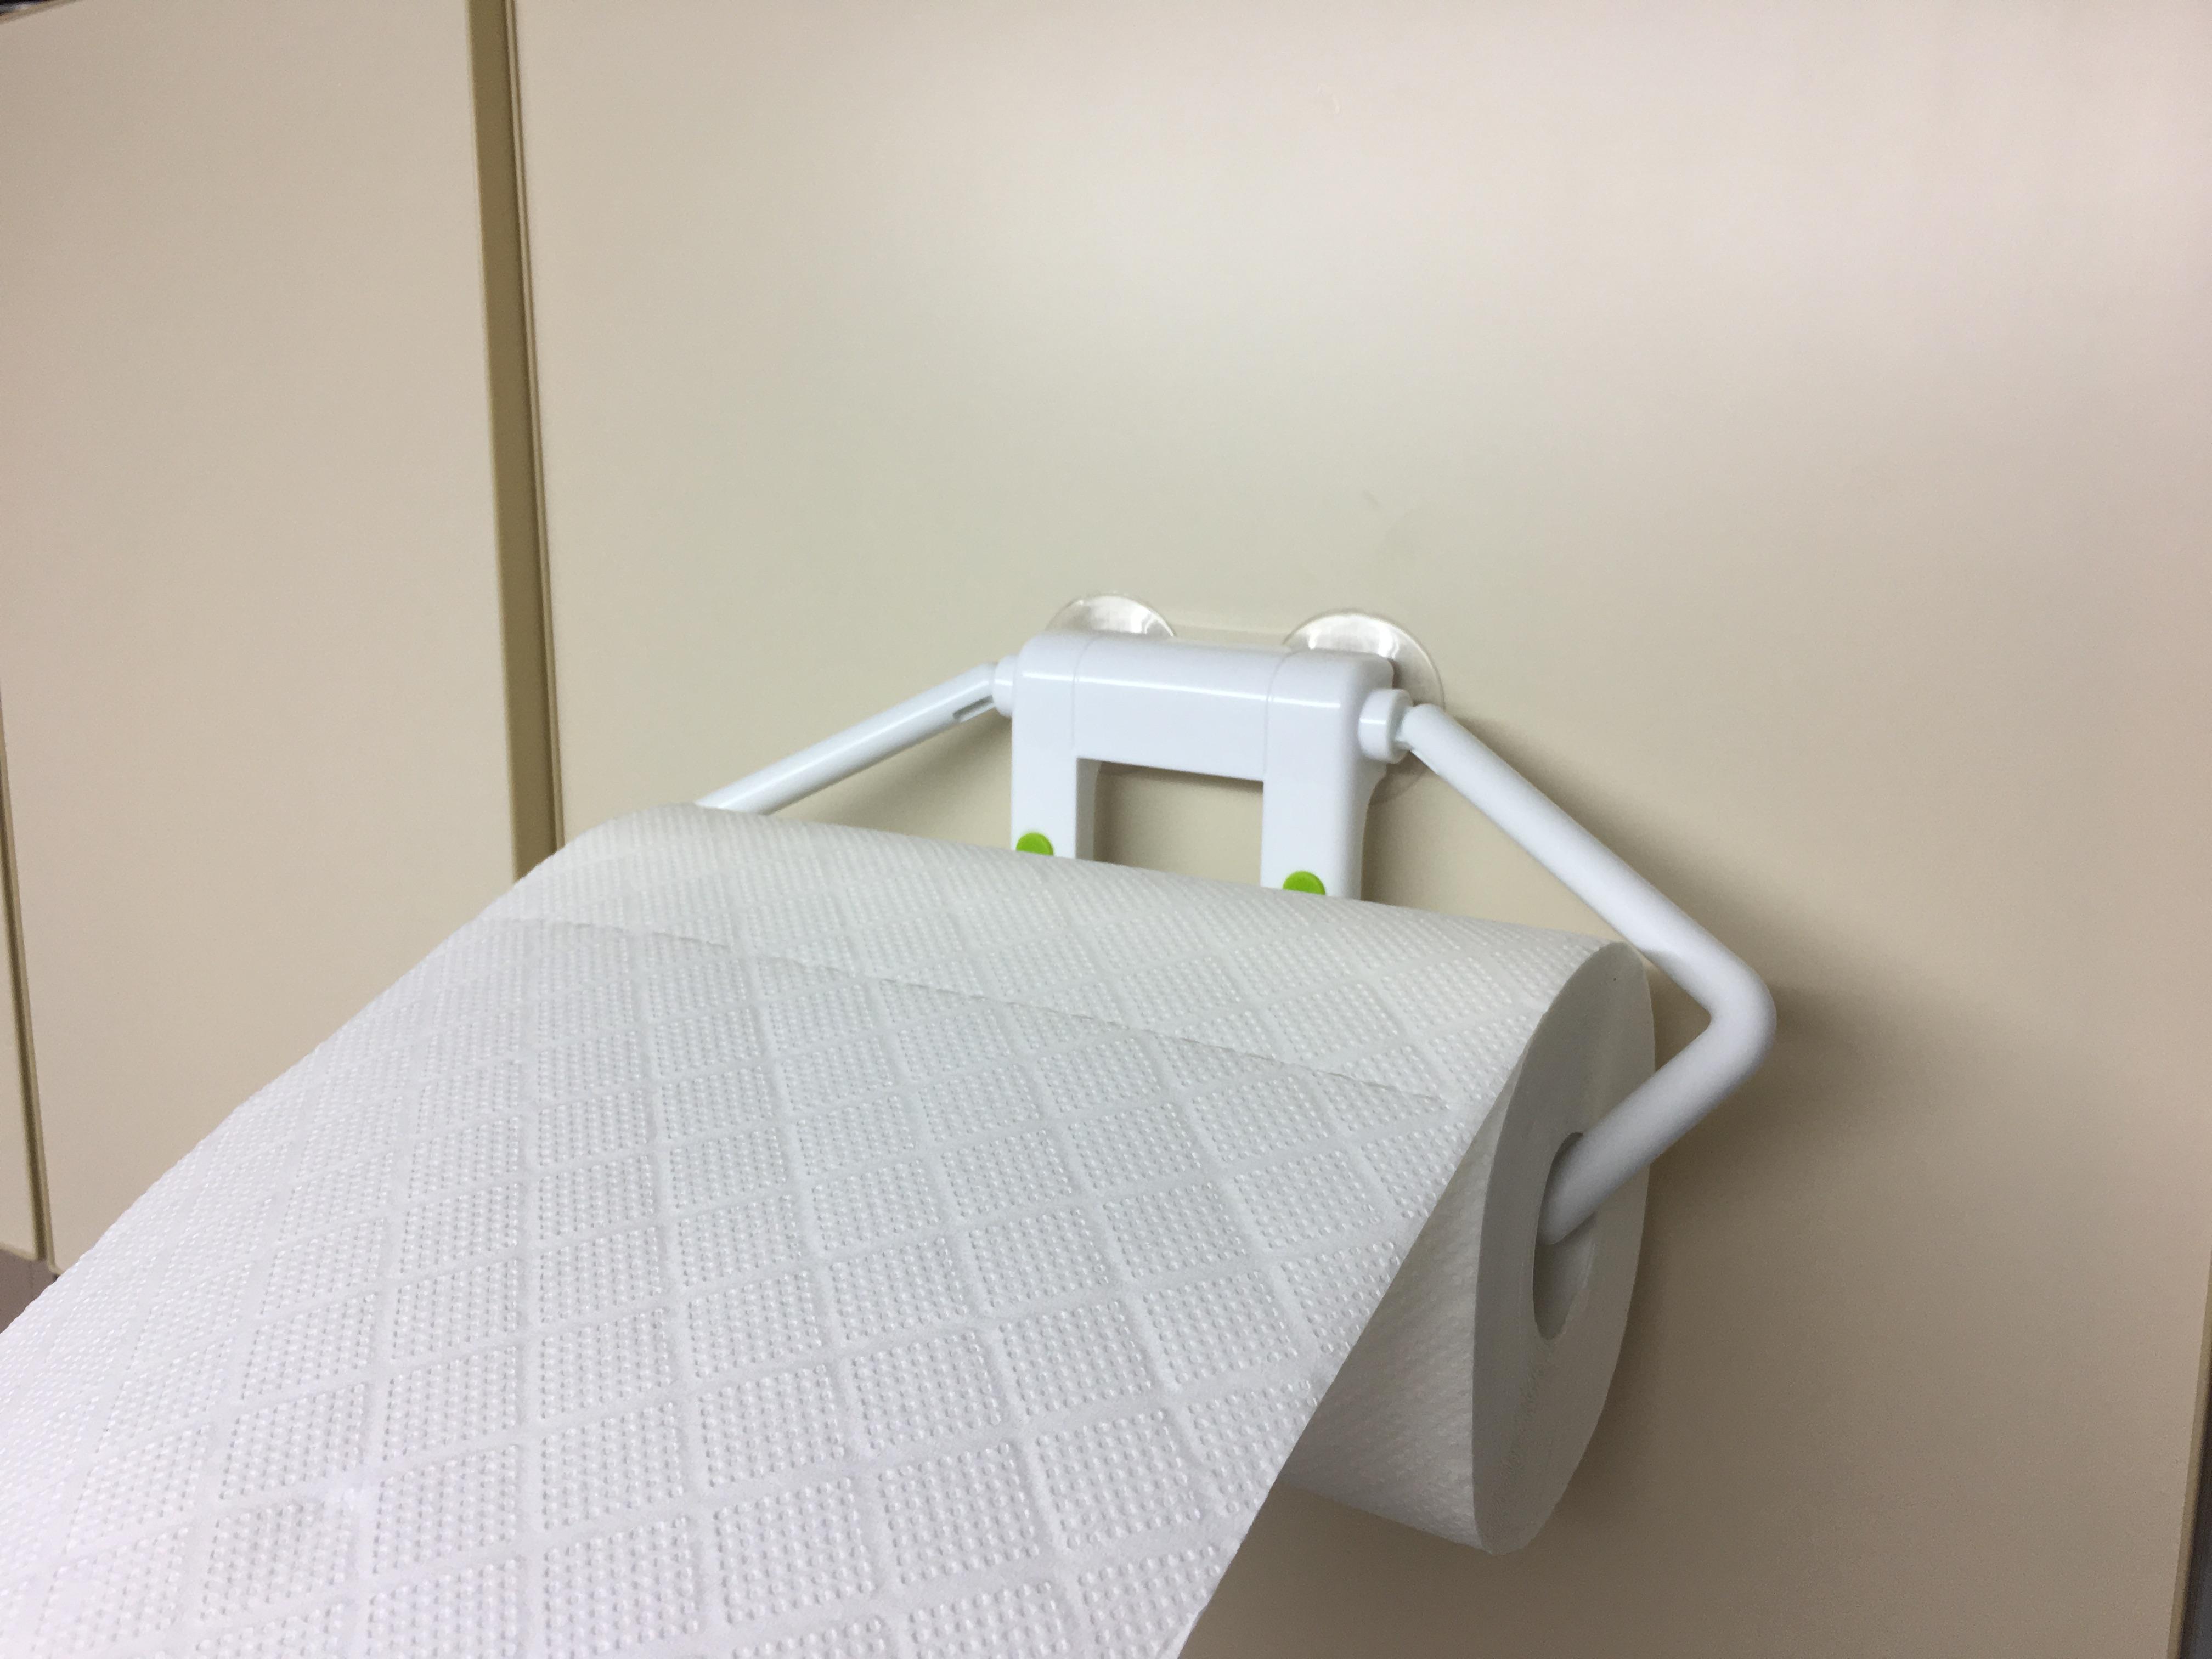 片手で切れる使いやすさに感動!ダイソーの吸盤キッチンペーパーホルダーを試してみた